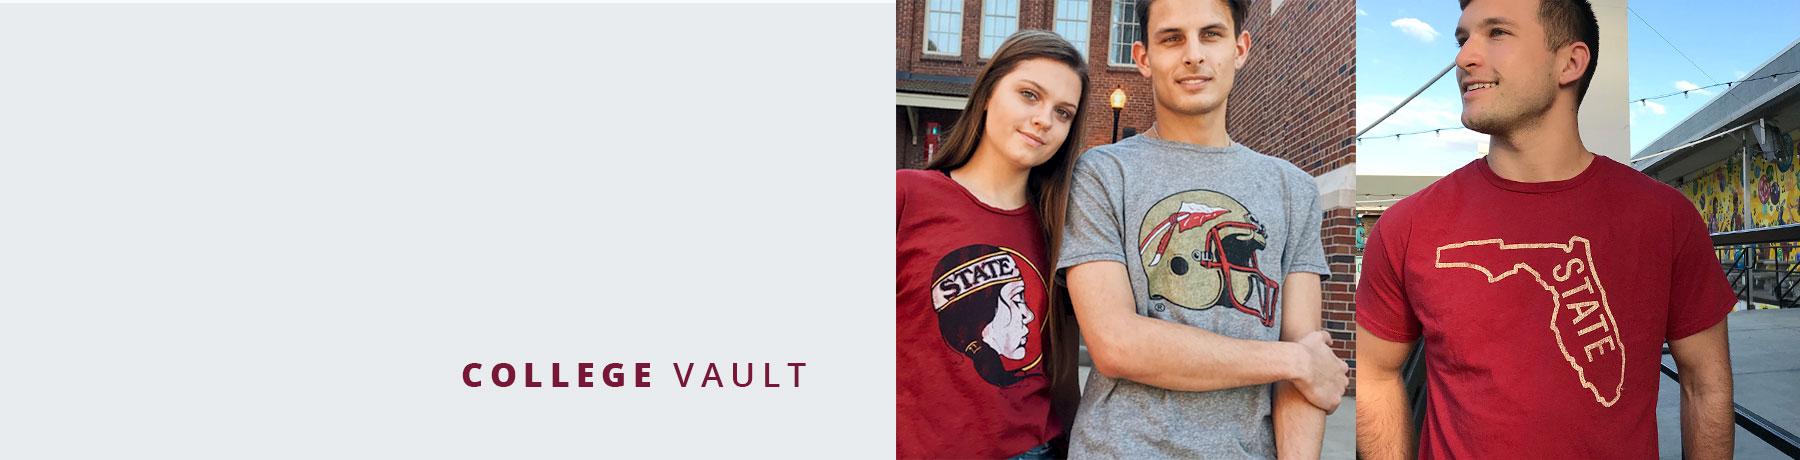 College Vault